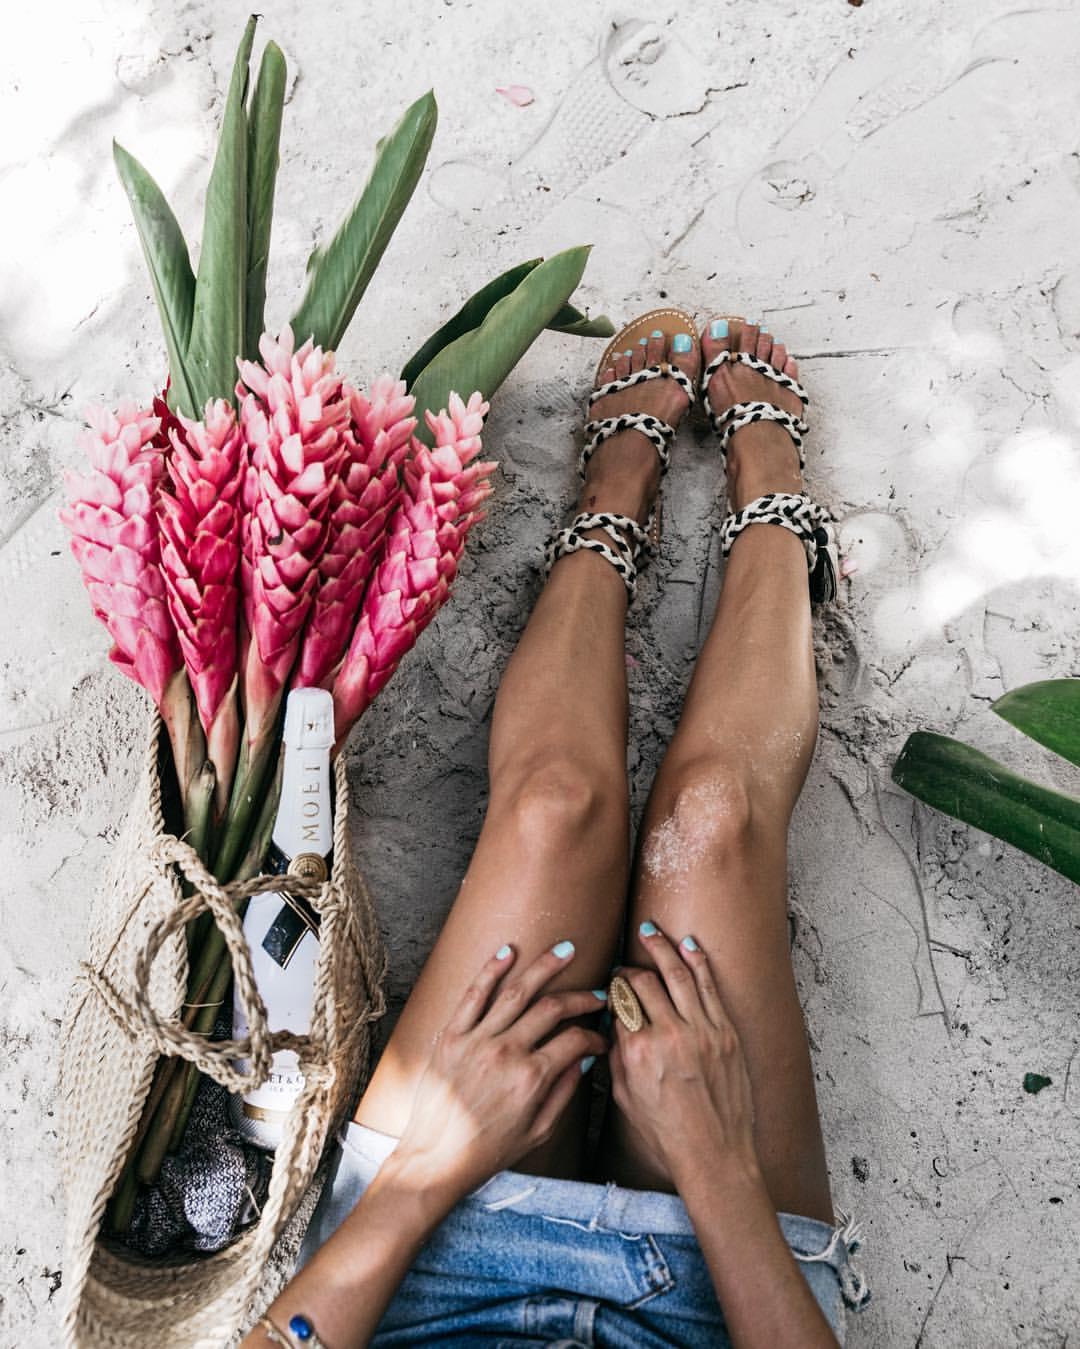 Traumhaft schöne Beine